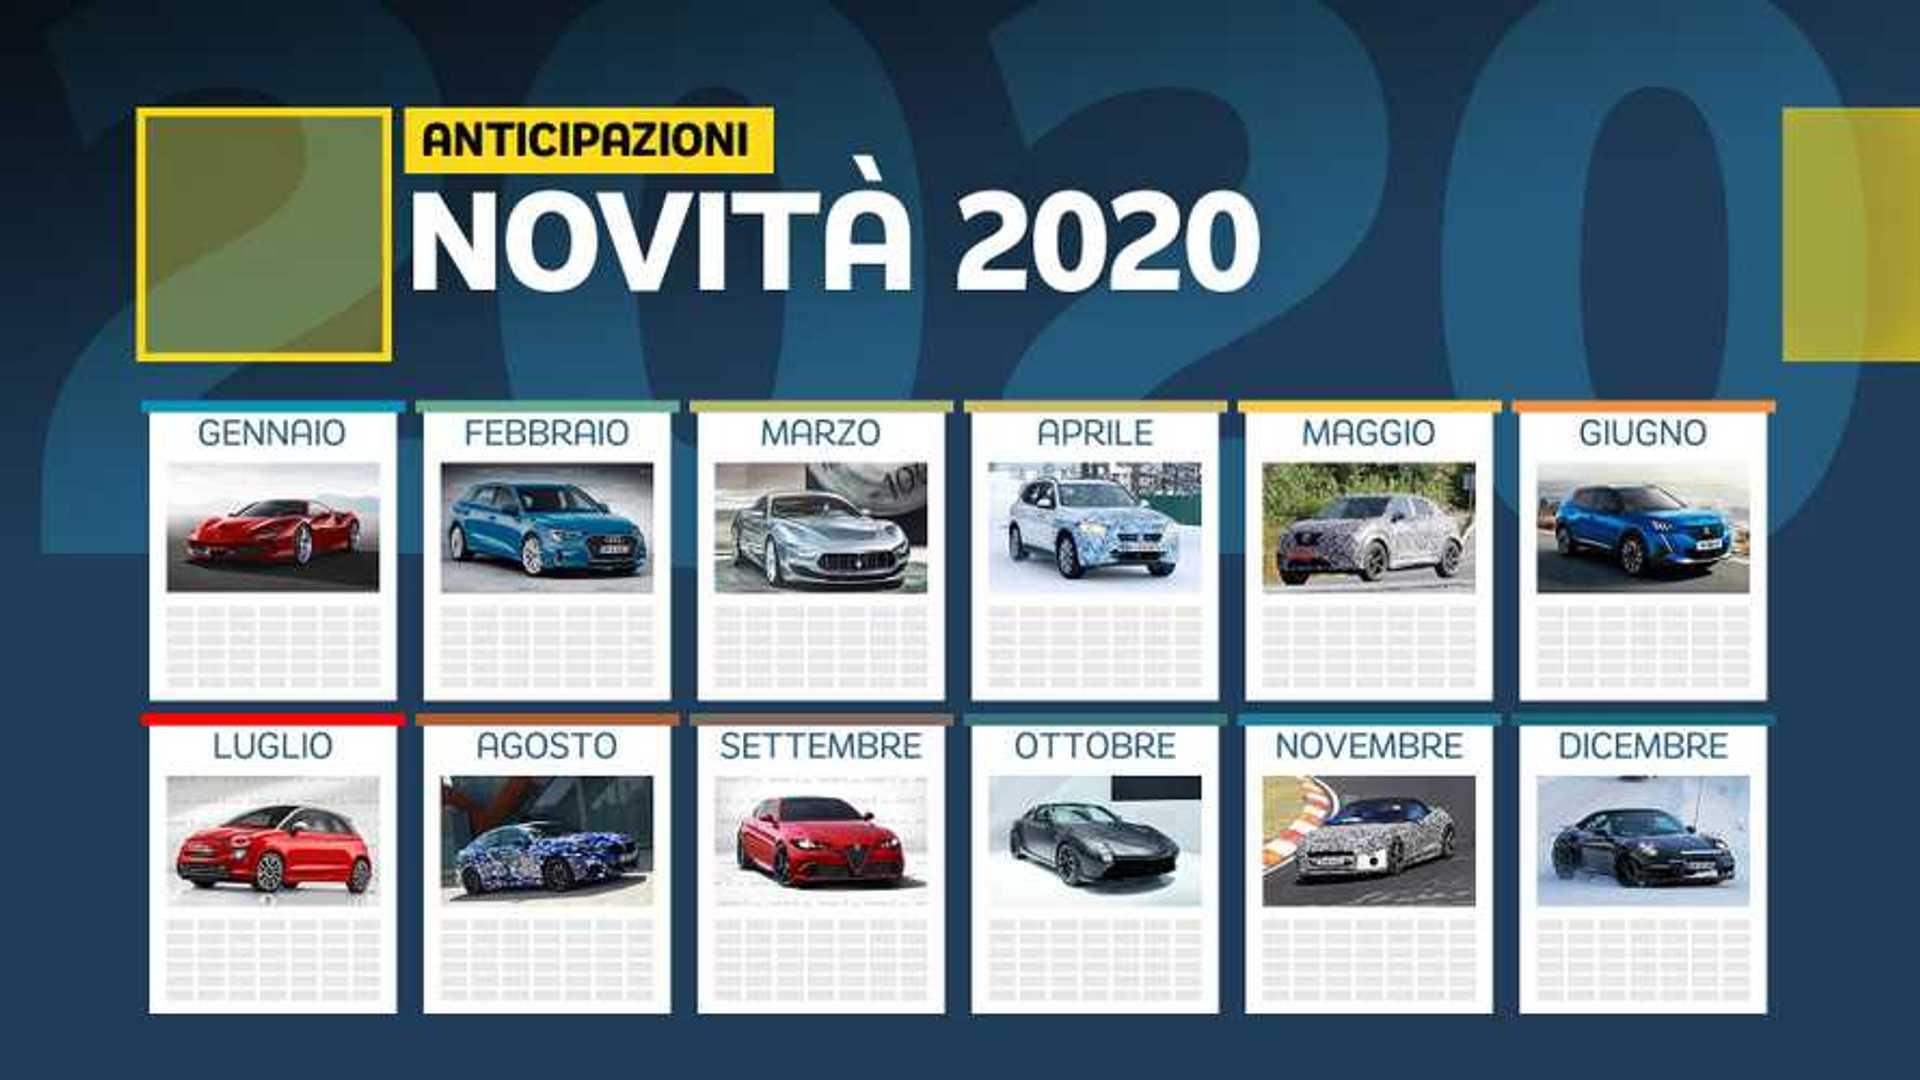 Calendario Luglio Agosto 2020.Novita Auto 2020 Il Calendario Di Tutti I Modelli In Arrivo